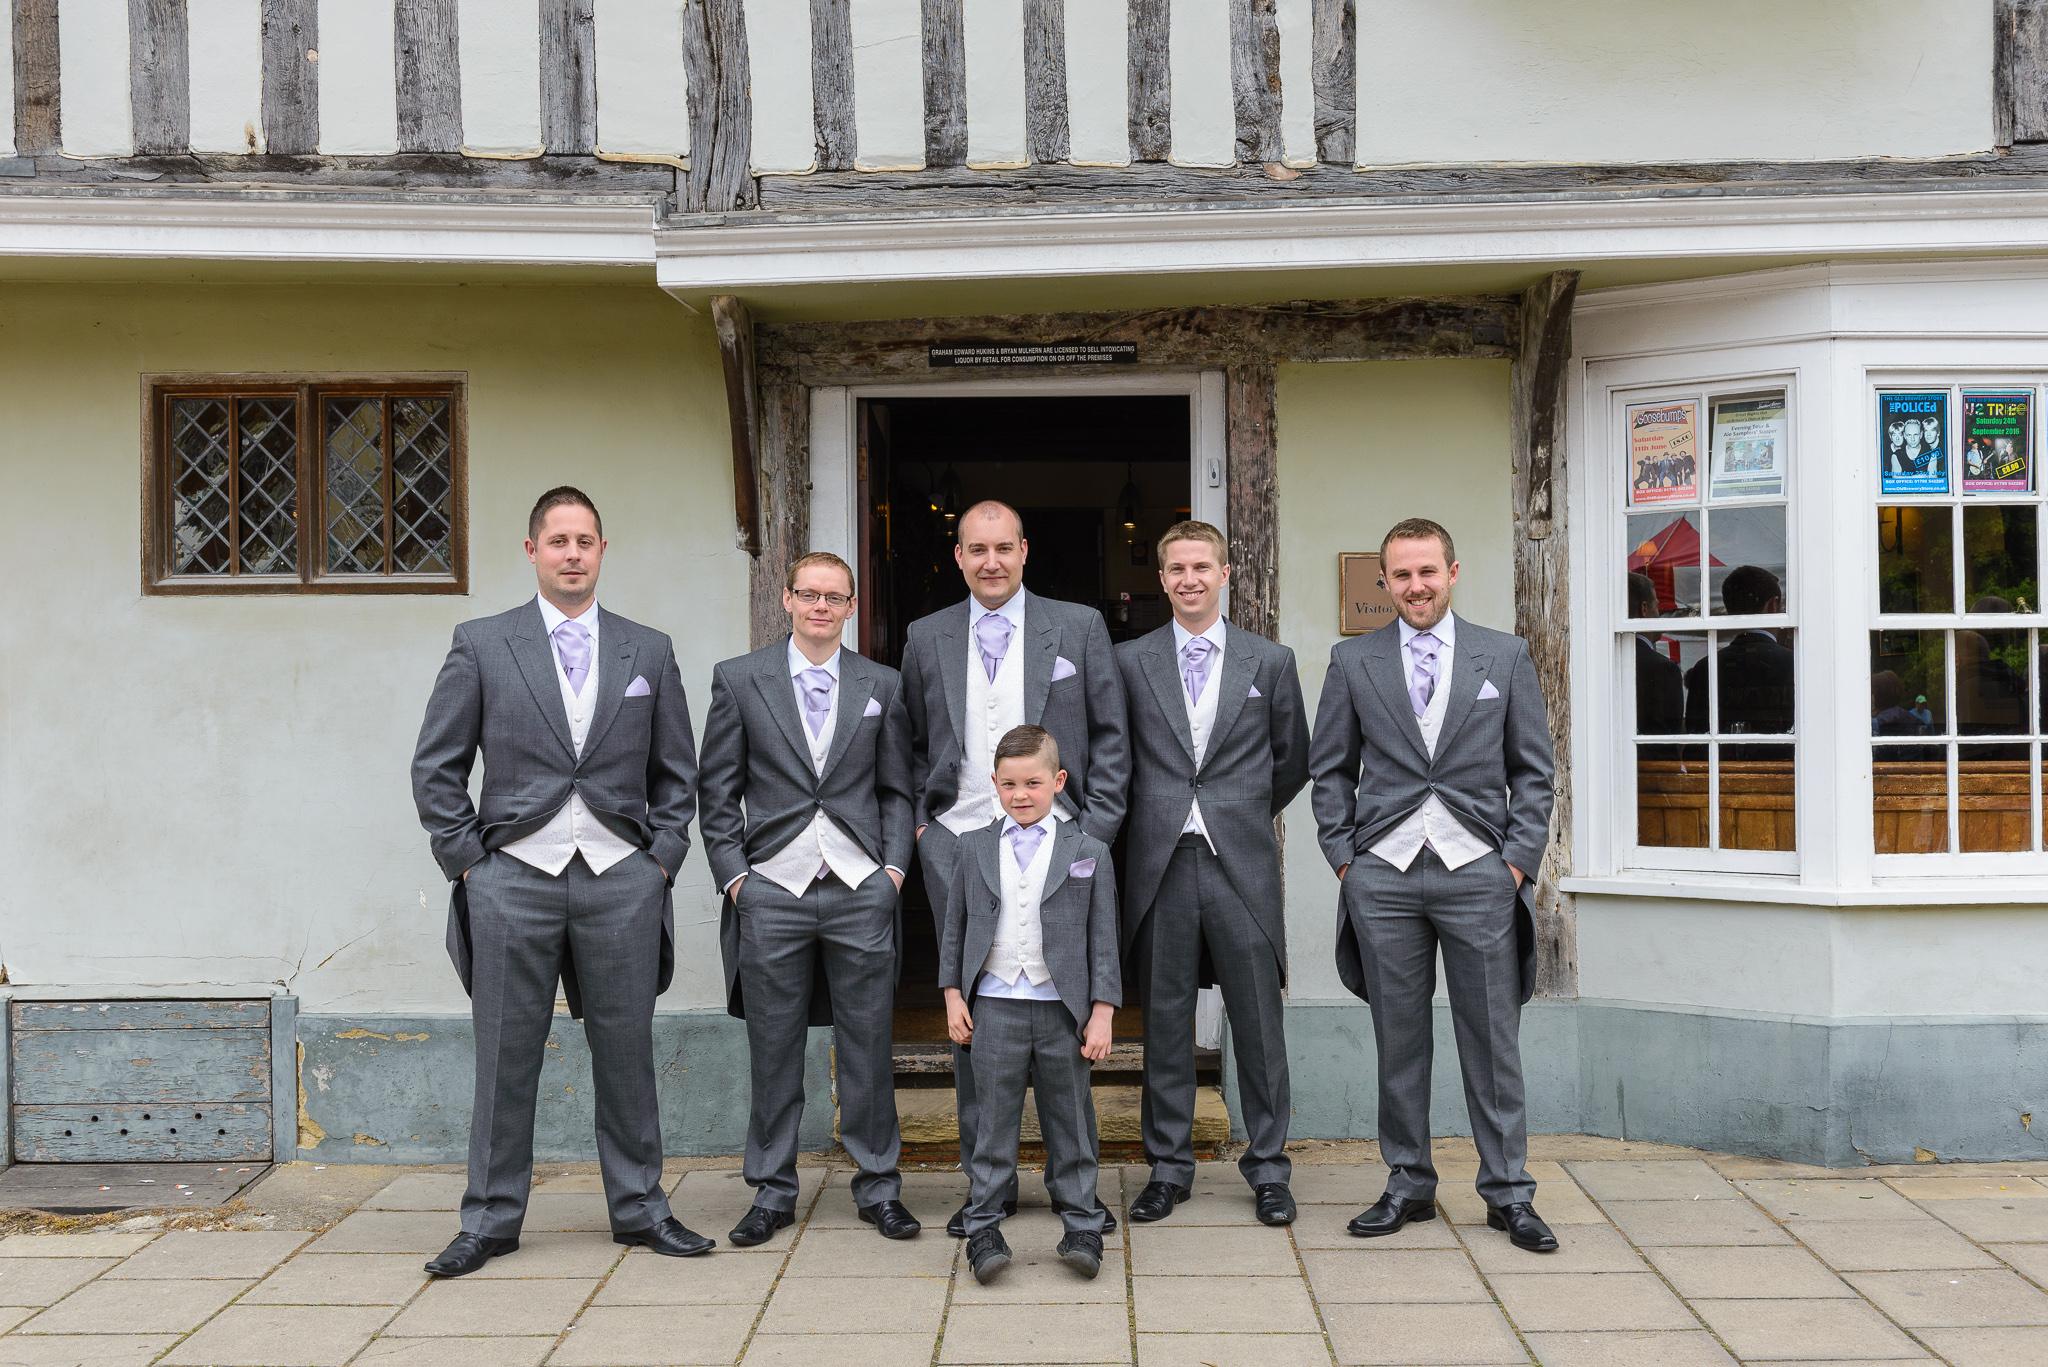 Faversham Wedding Photographer | Oakhouse Photography